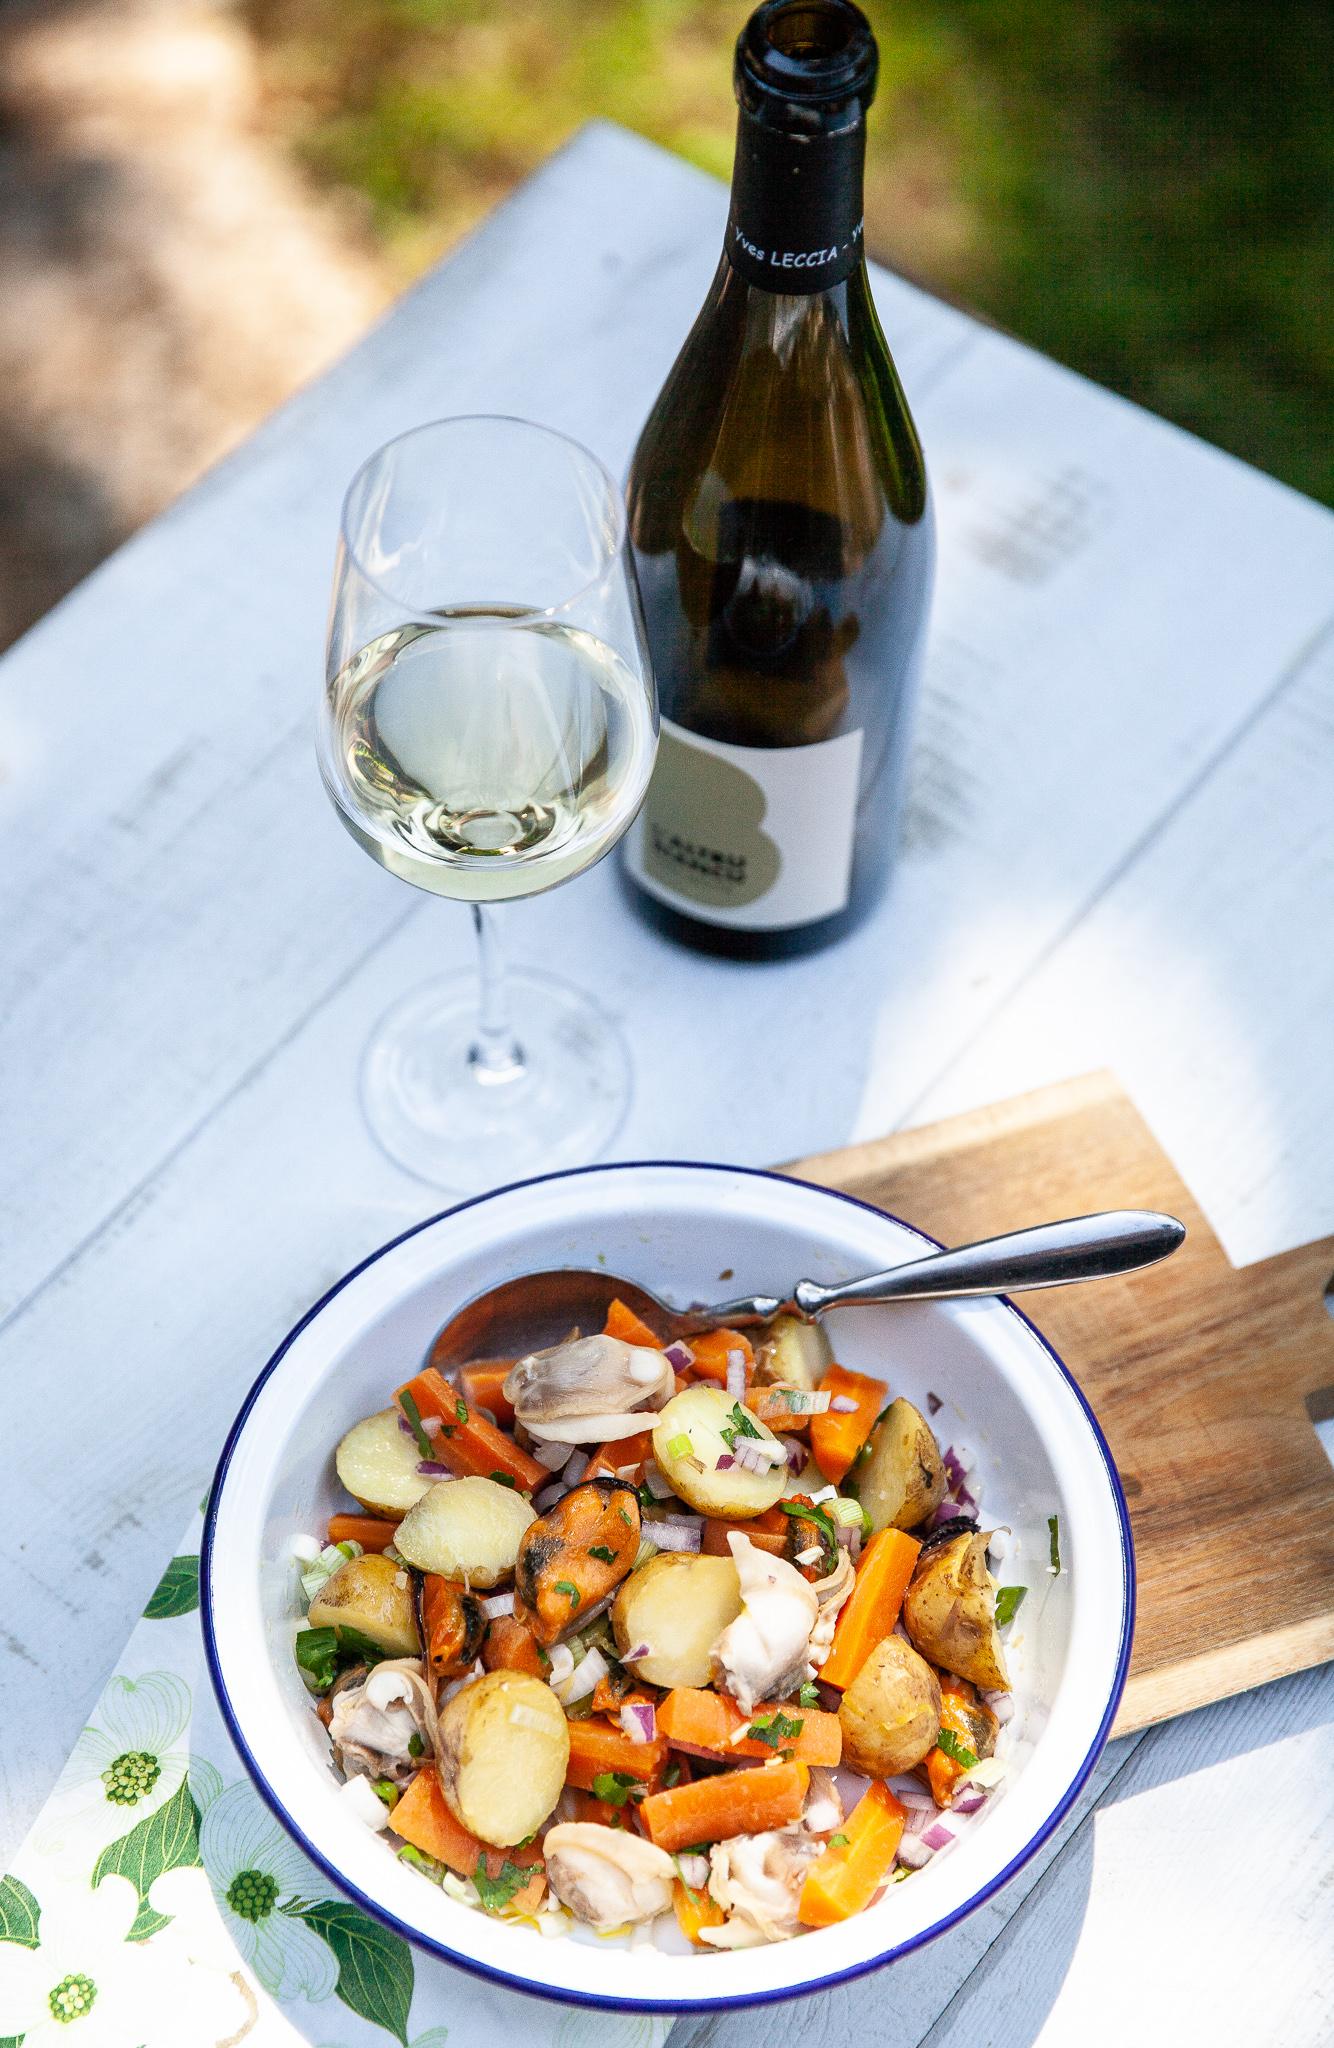 recette de salade de pommes de terre et coquillages, vin corse blanc yves leccia